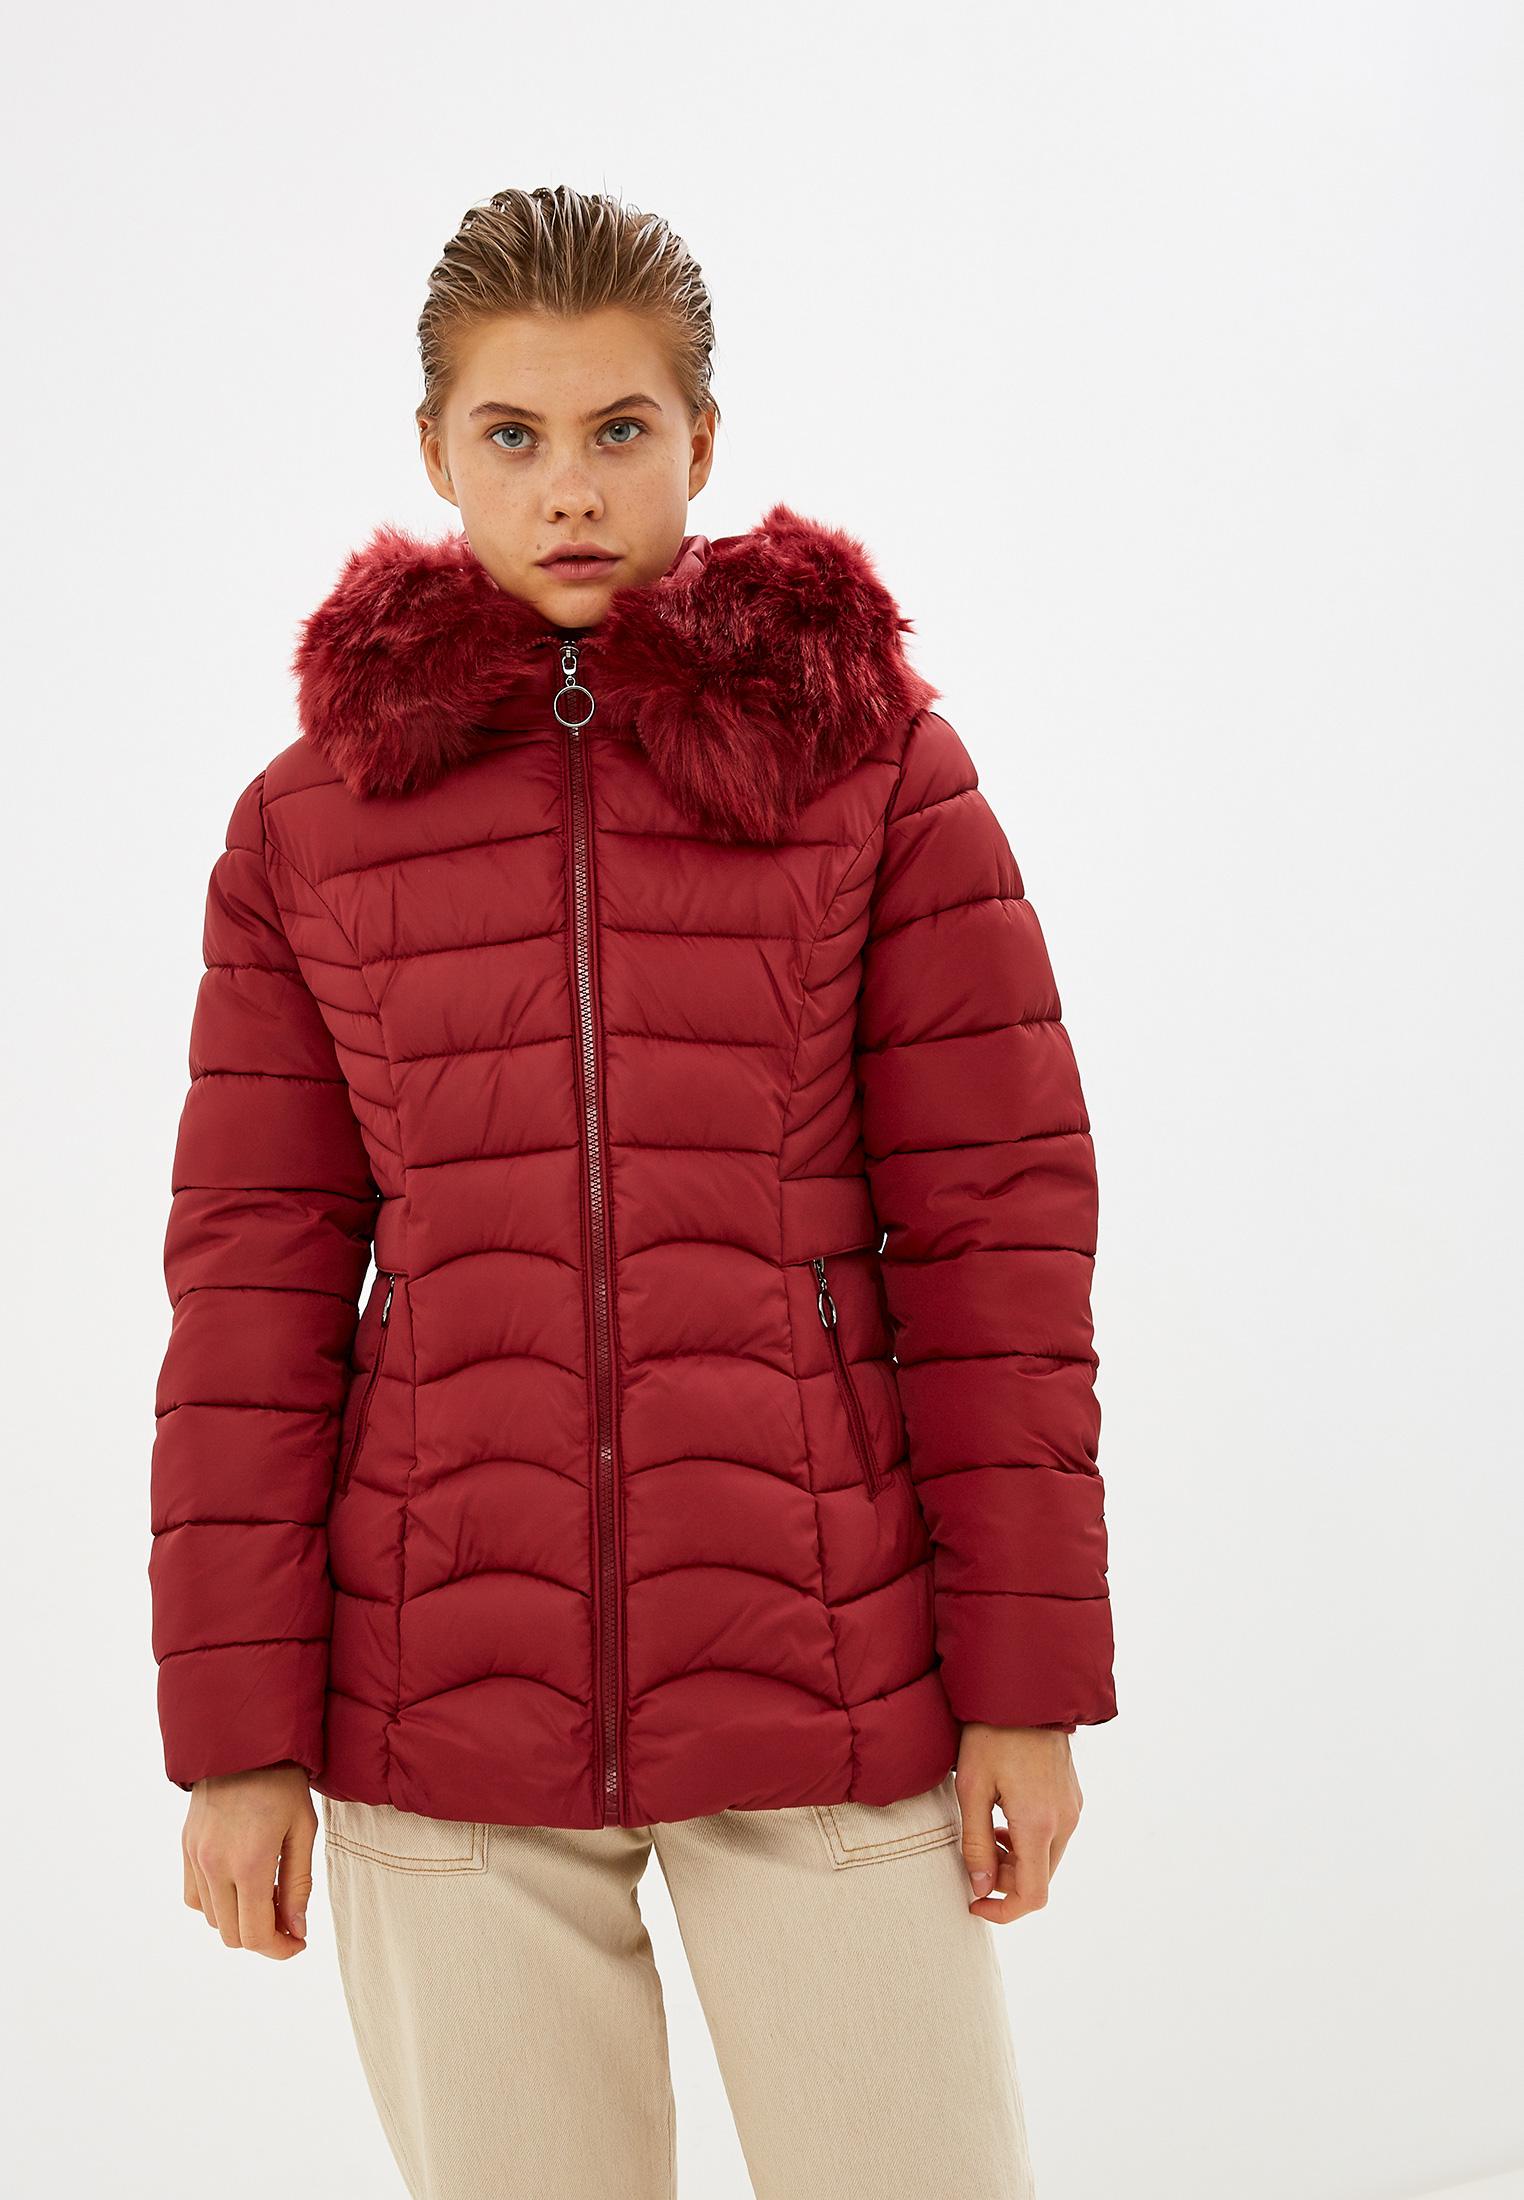 Куртка утепленная, Z-Design, цвет: бордовый. Артикул: ZD002EWHEOC4. Одежда / Верхняя одежда